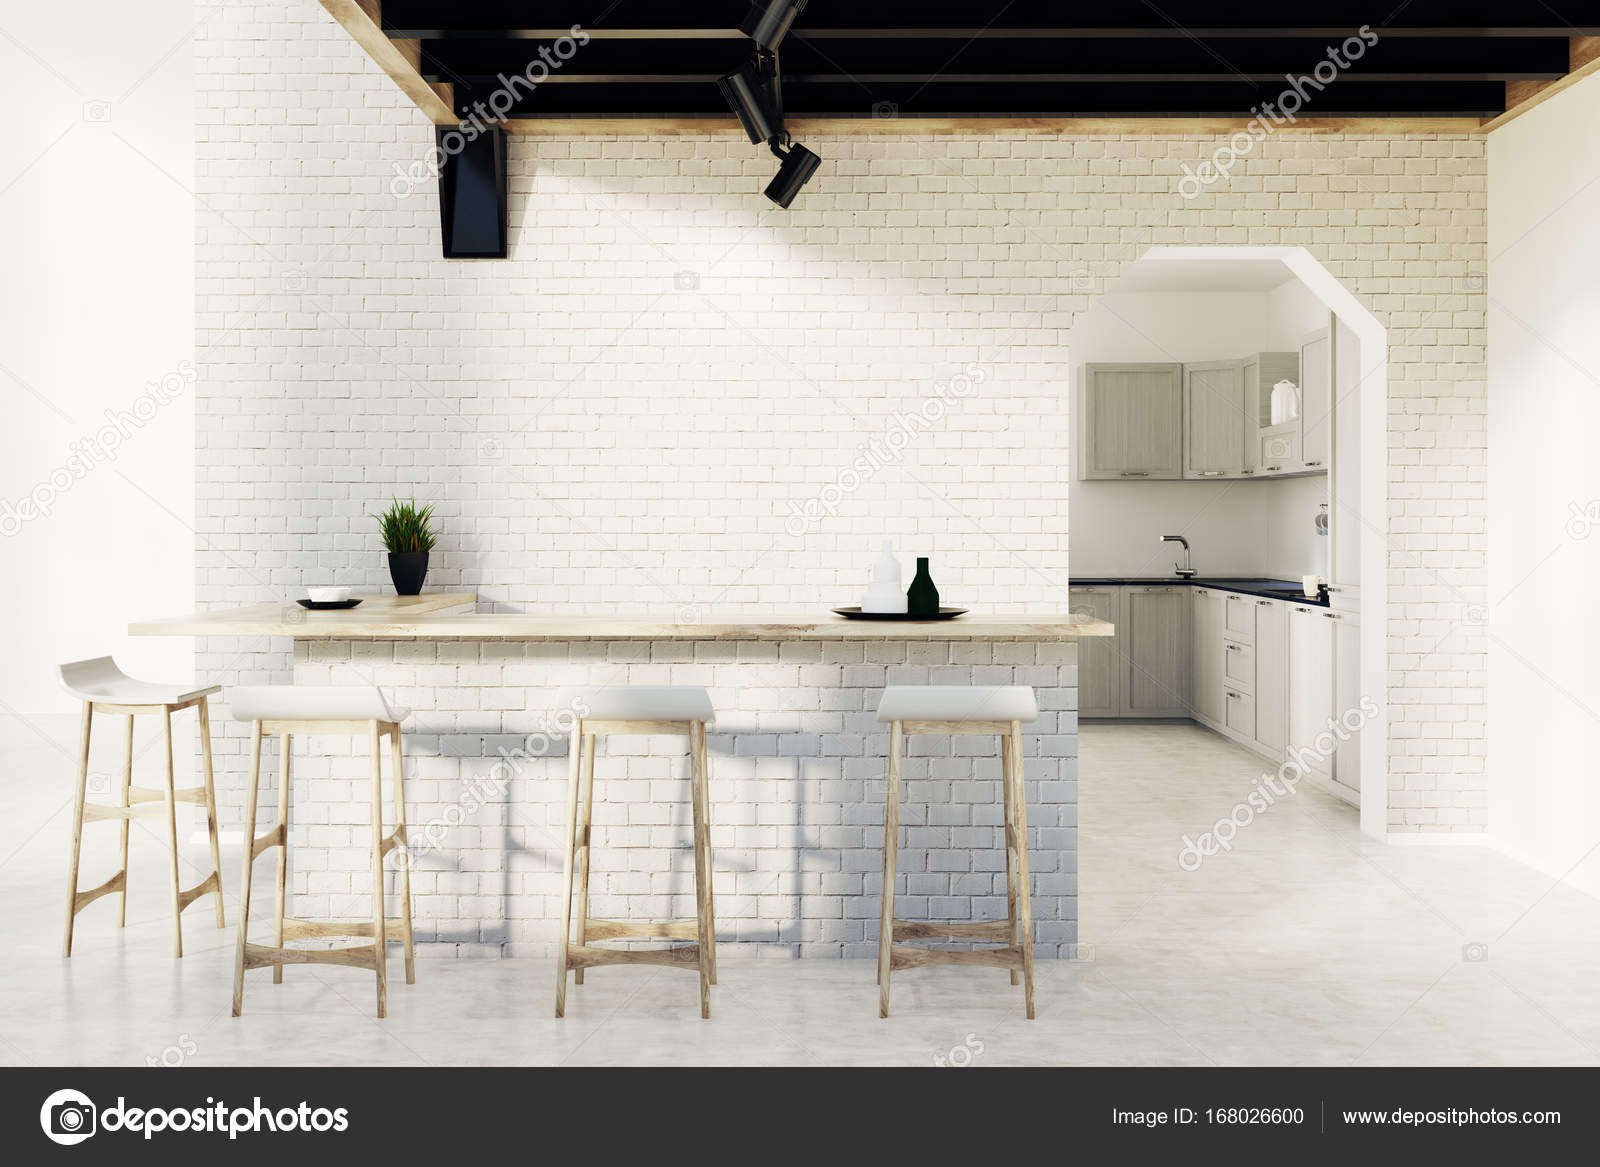 Brick kitchen bar, stools and a door 9